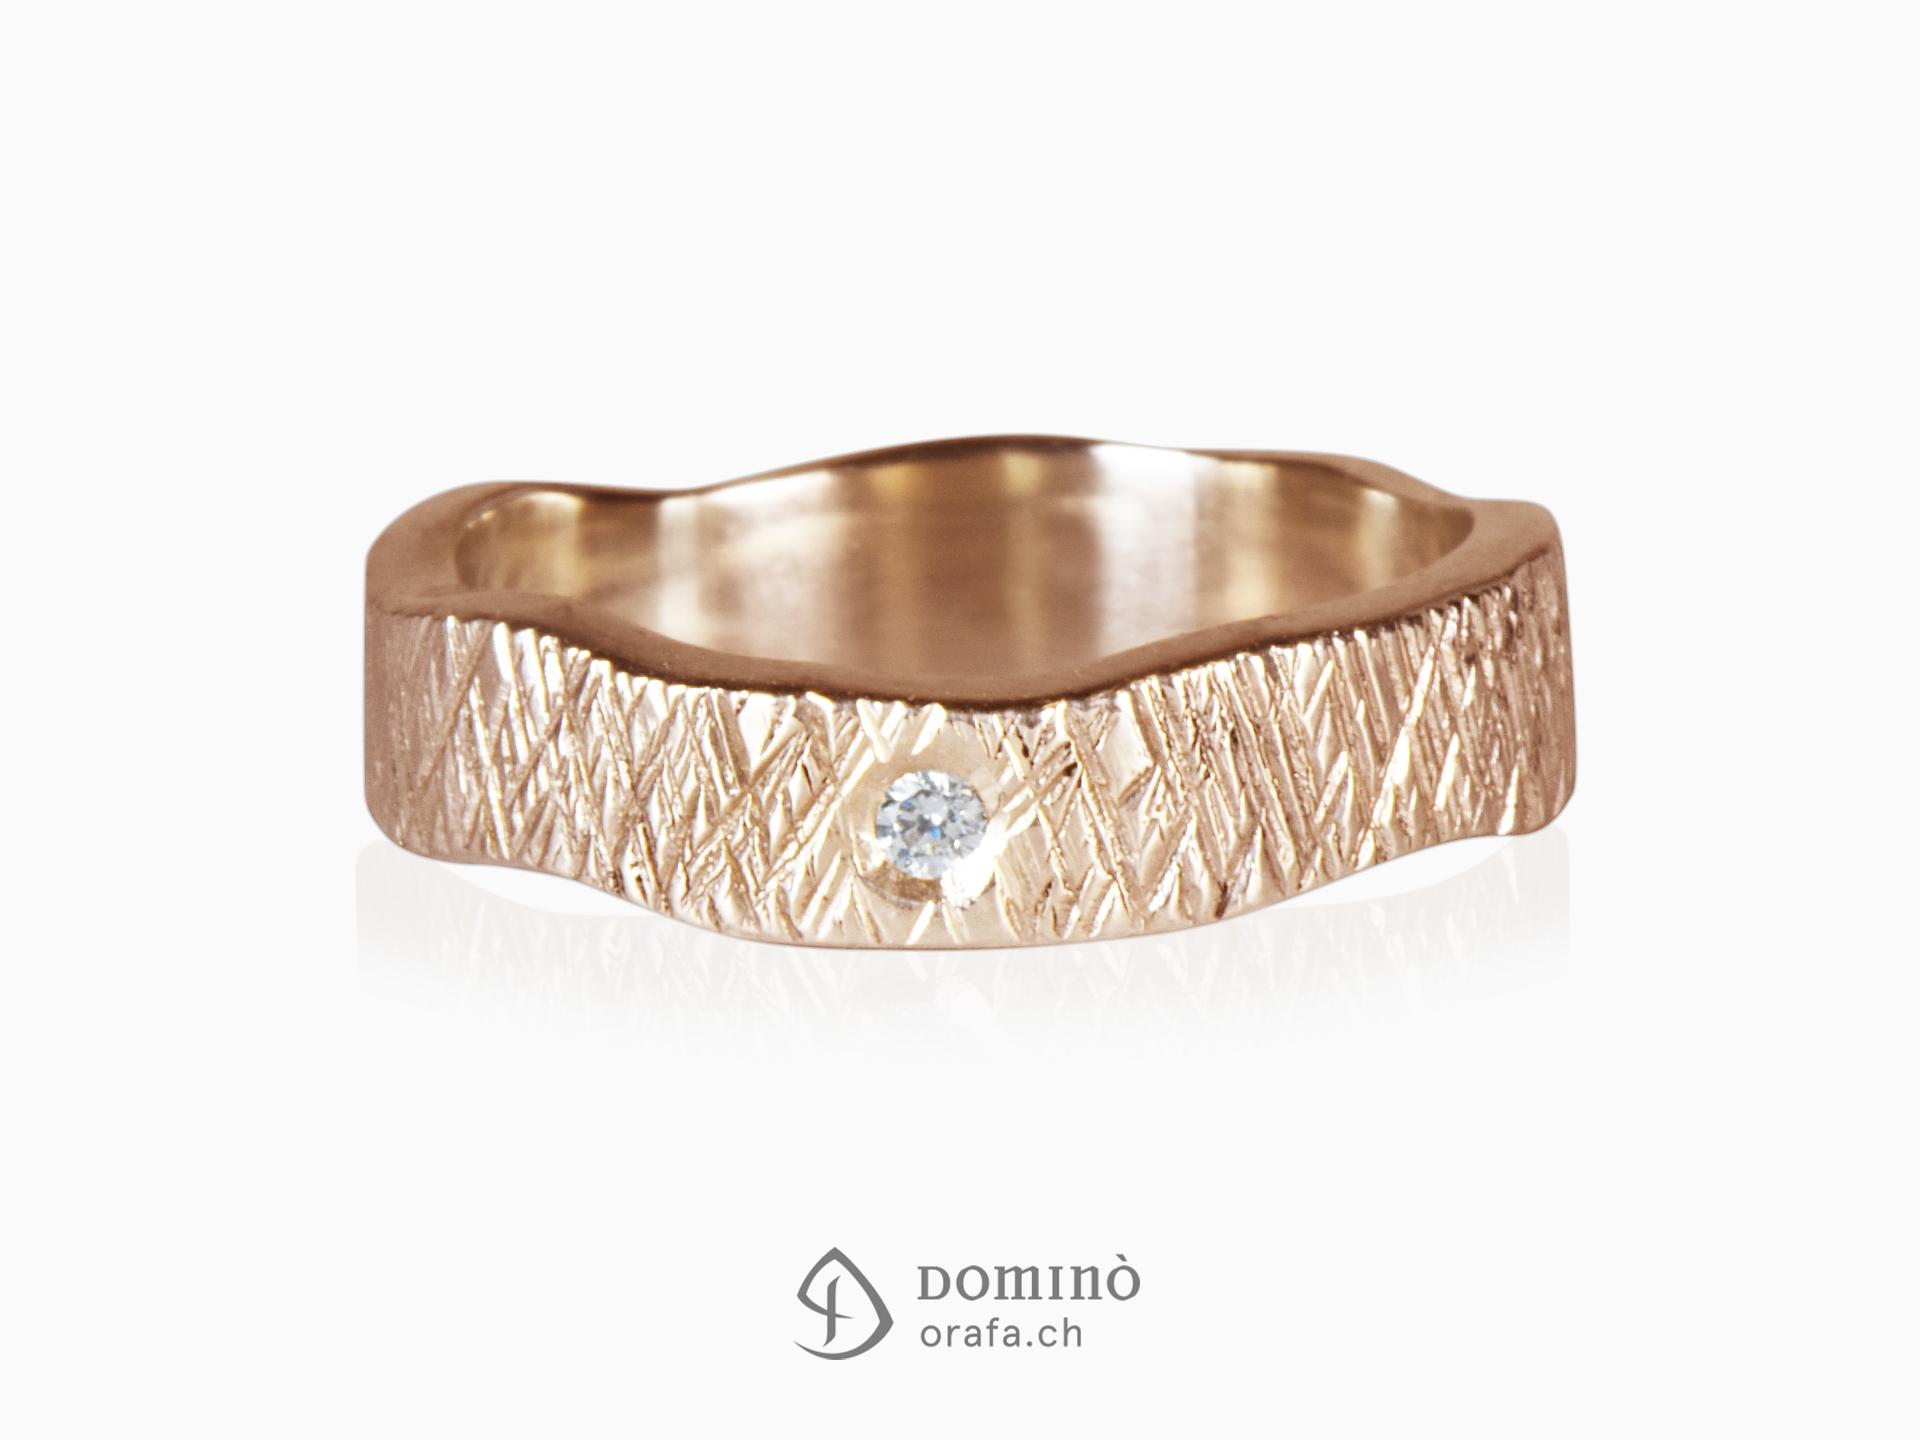 anello-linee-incrociate-irregolare-diamante-oro-rosso